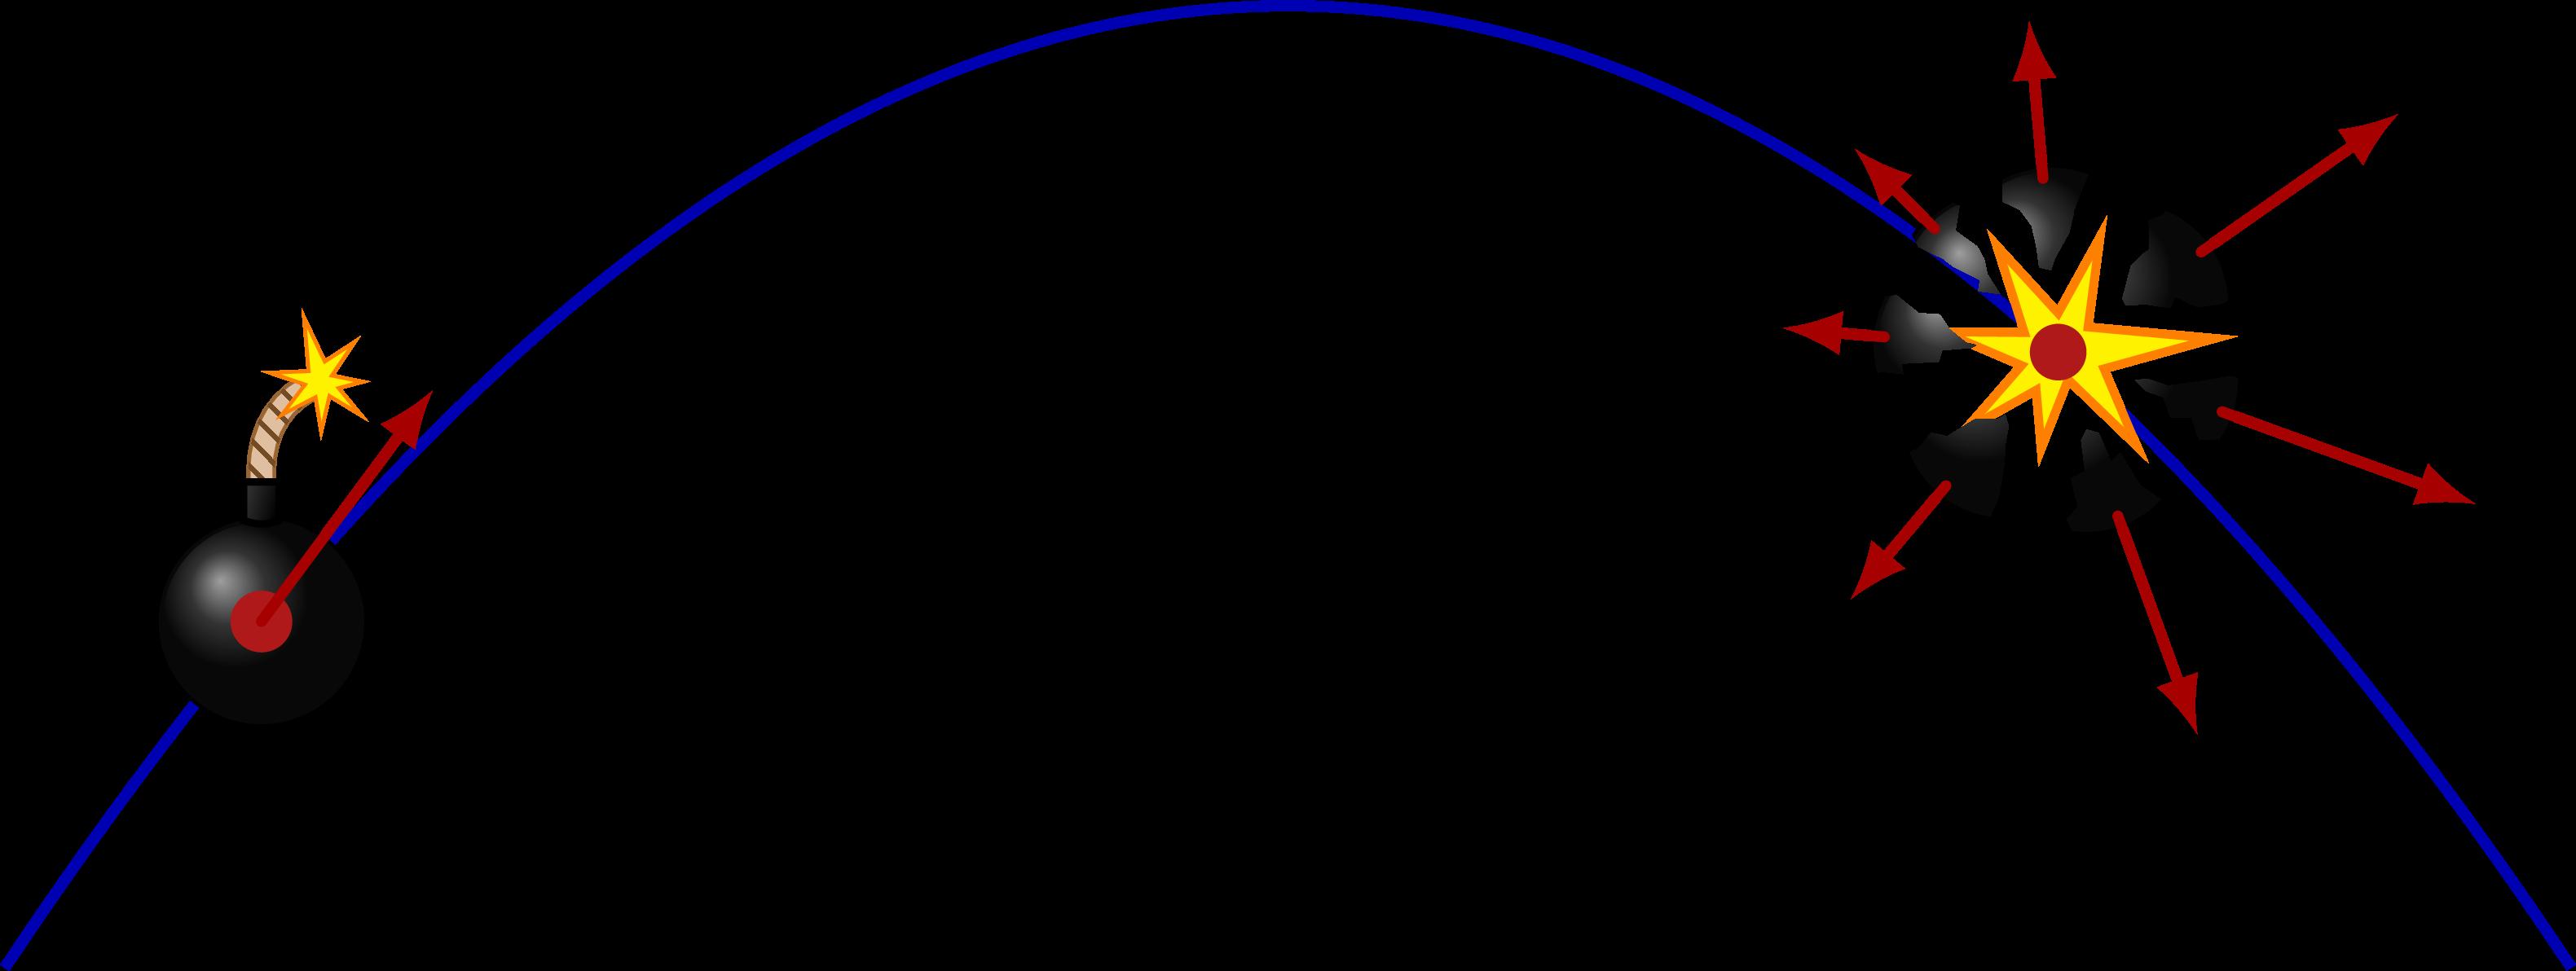 dynamics_center_of_mass-004.png